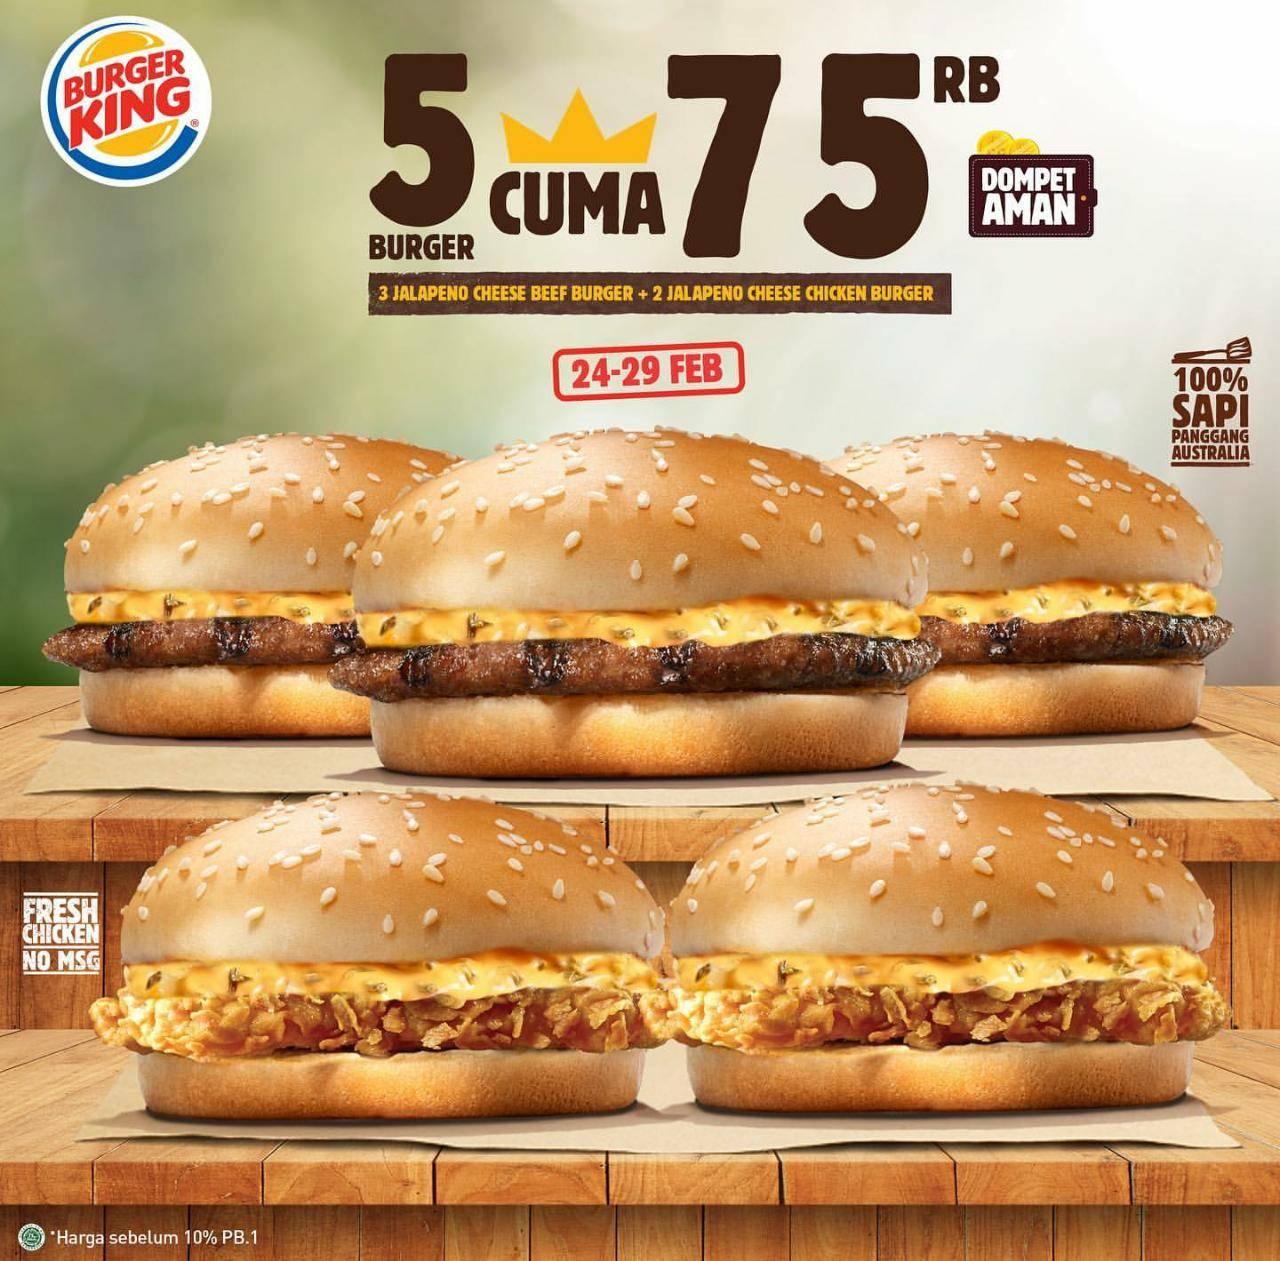 Burger King Promo Beli 5 Burger Cuma Rp. 75.000